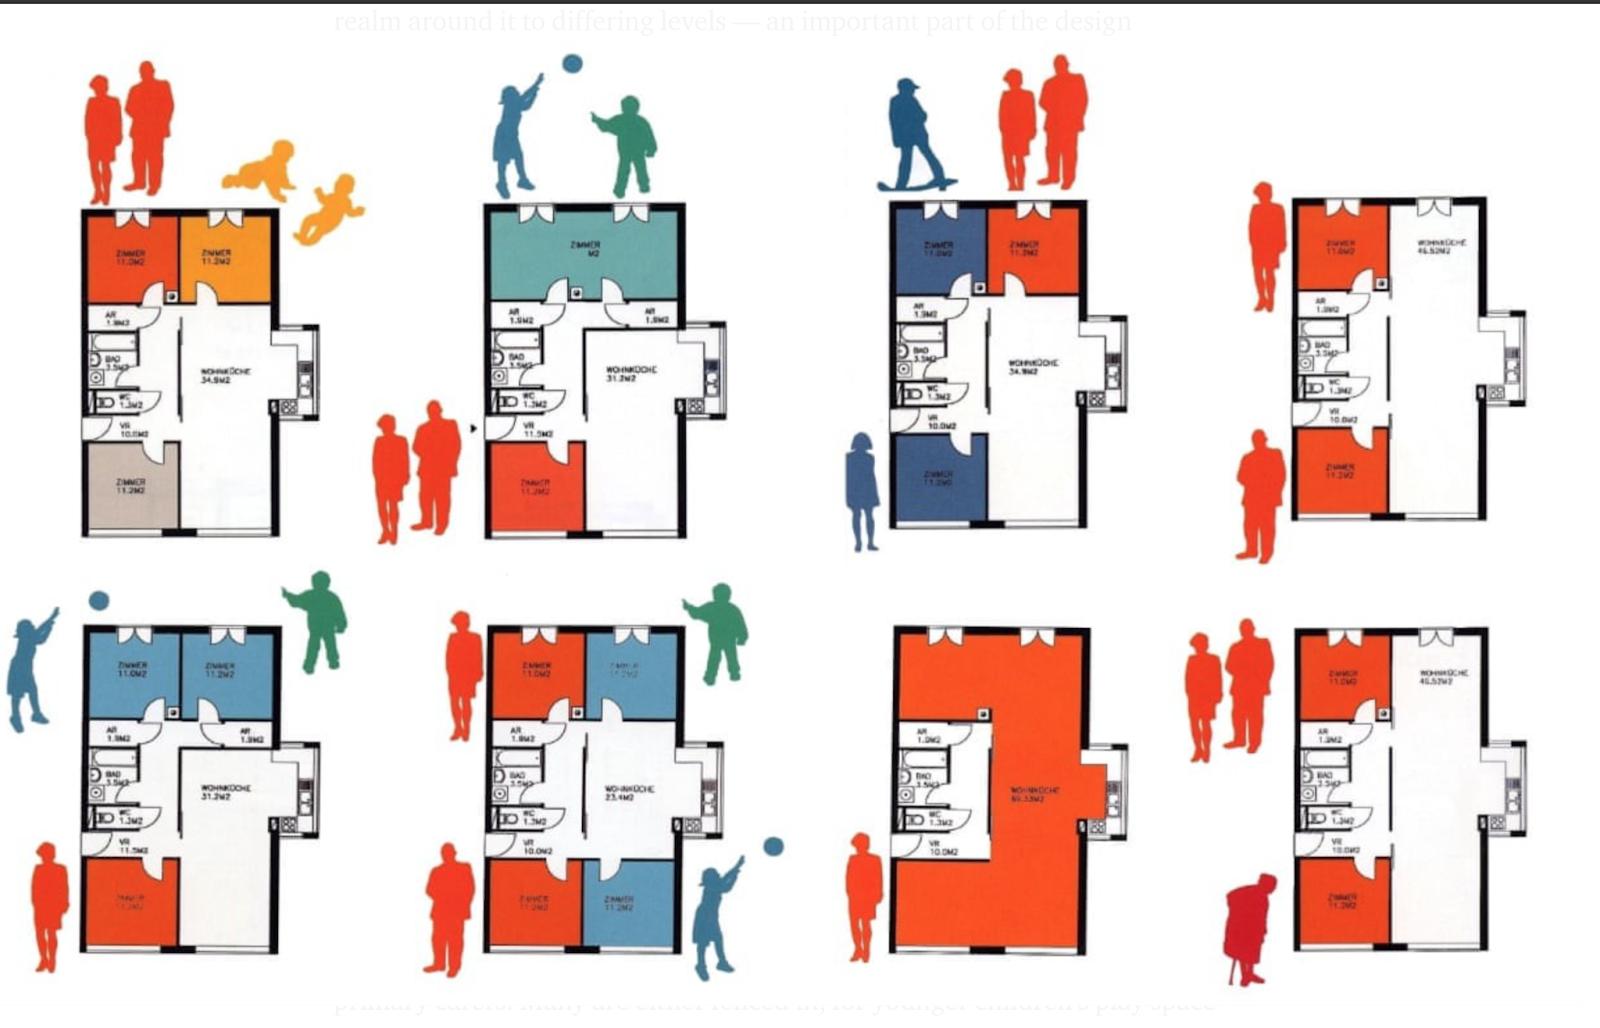 Uniwersalne mieszkania przystosowane do różnych typów rodzin.